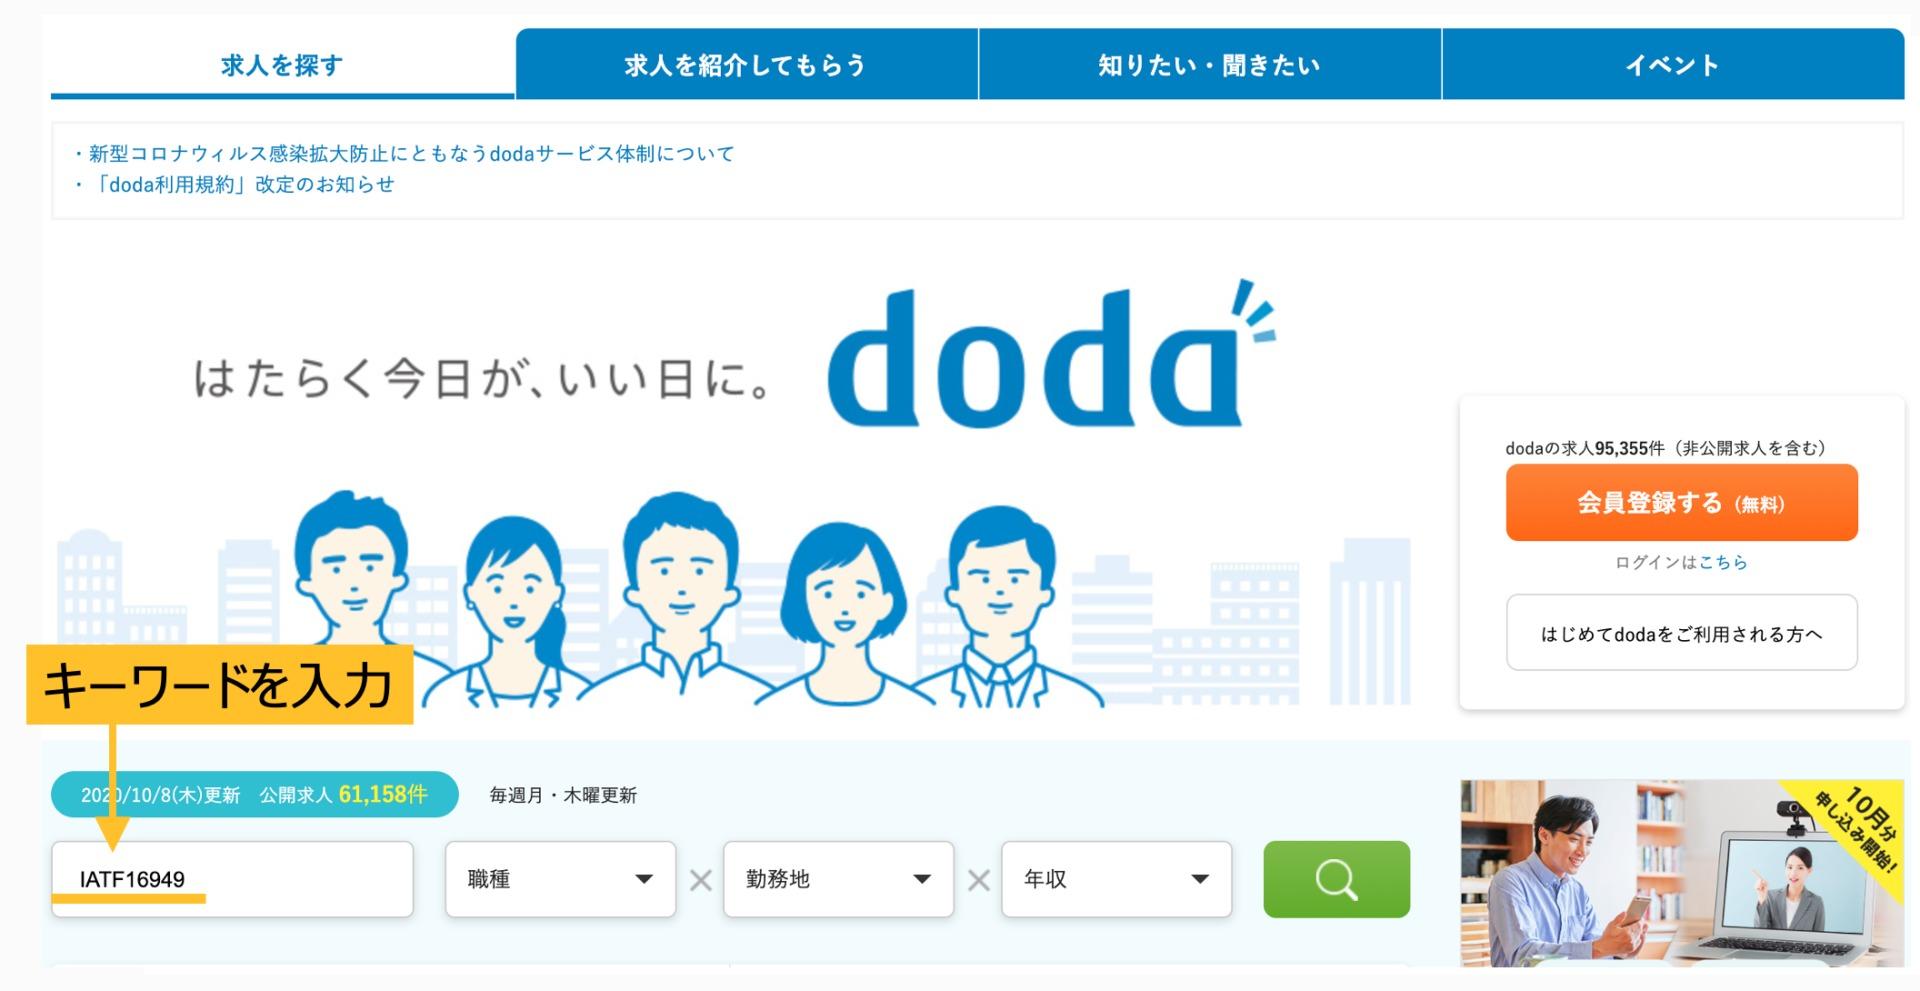 doda検索画面1